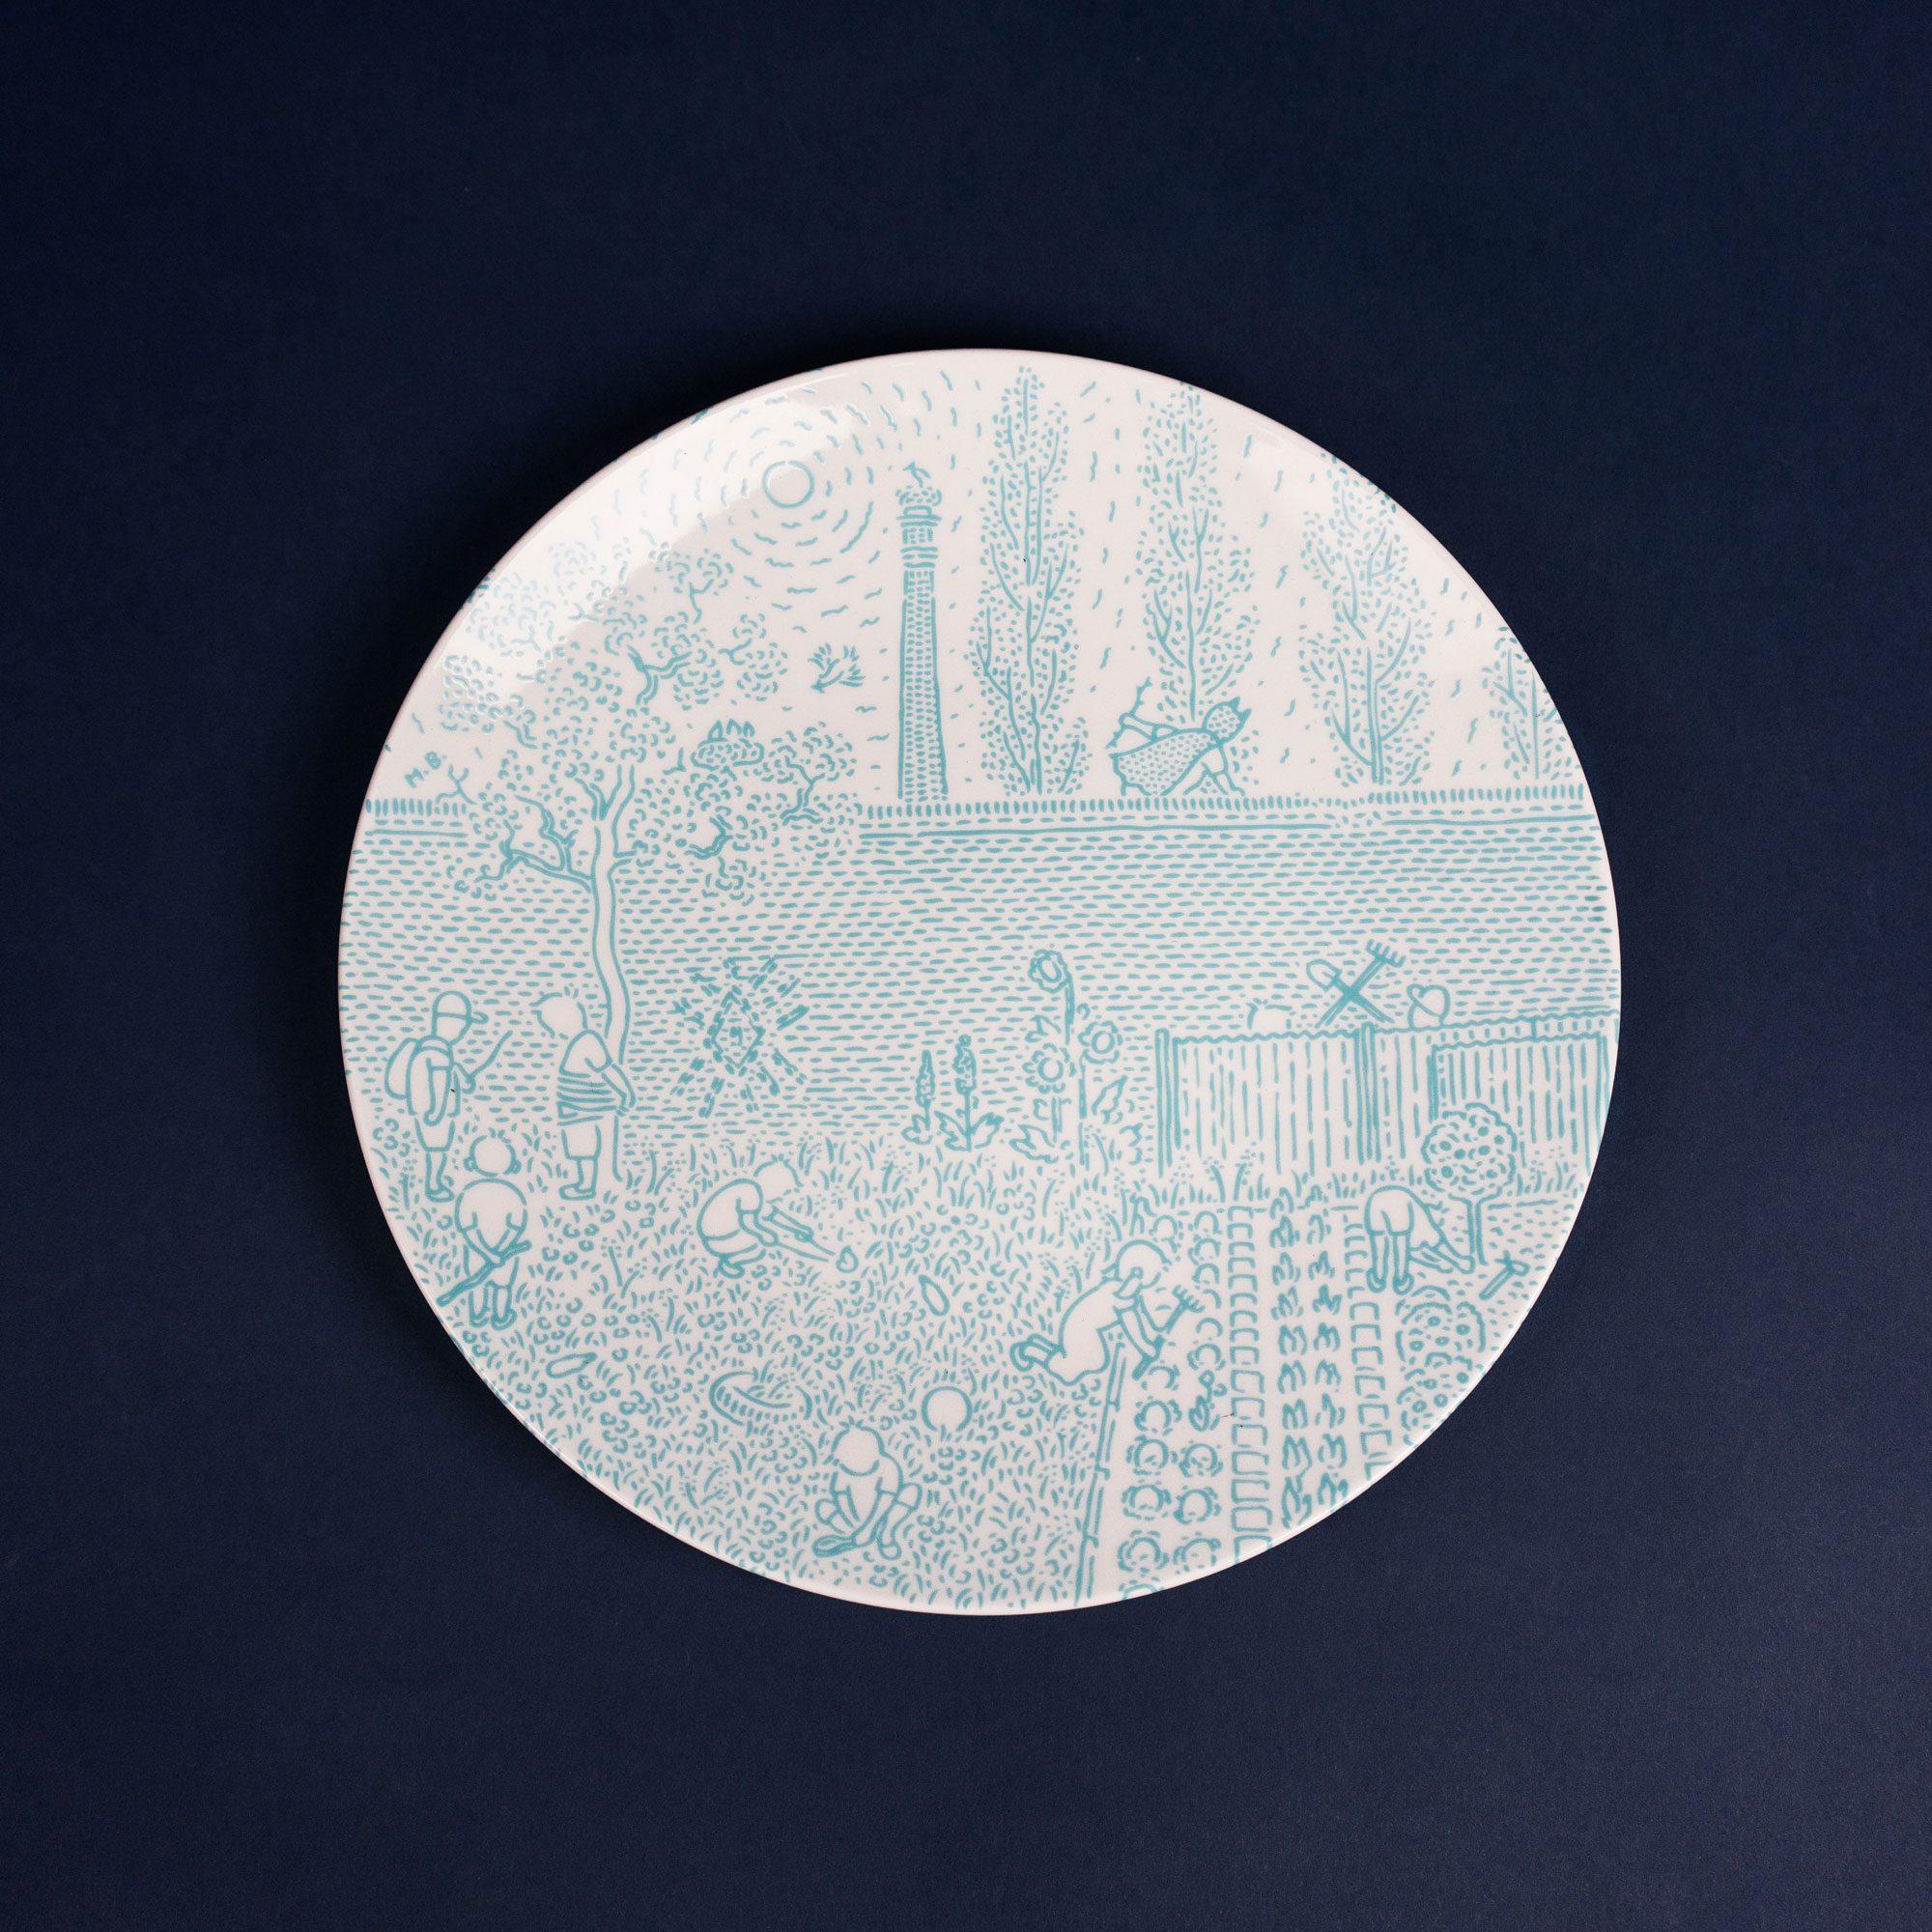 Turquoise porcelain dinner plate by Krehky design studio